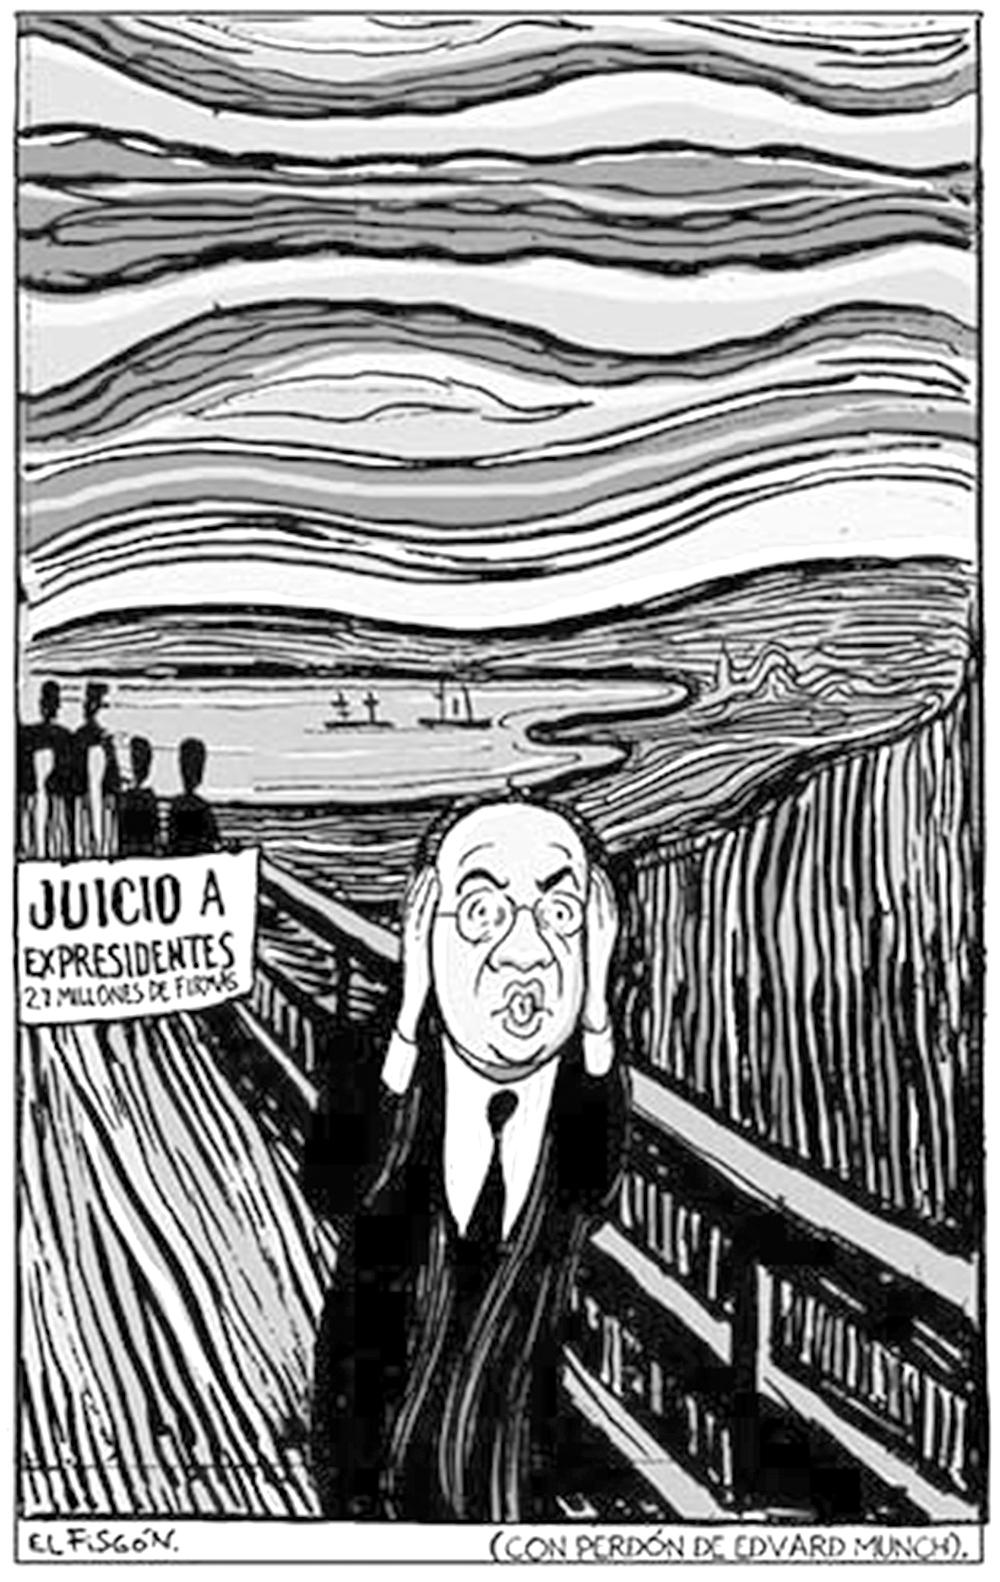 EL GRITO DE CALDERÓN-Fisgón